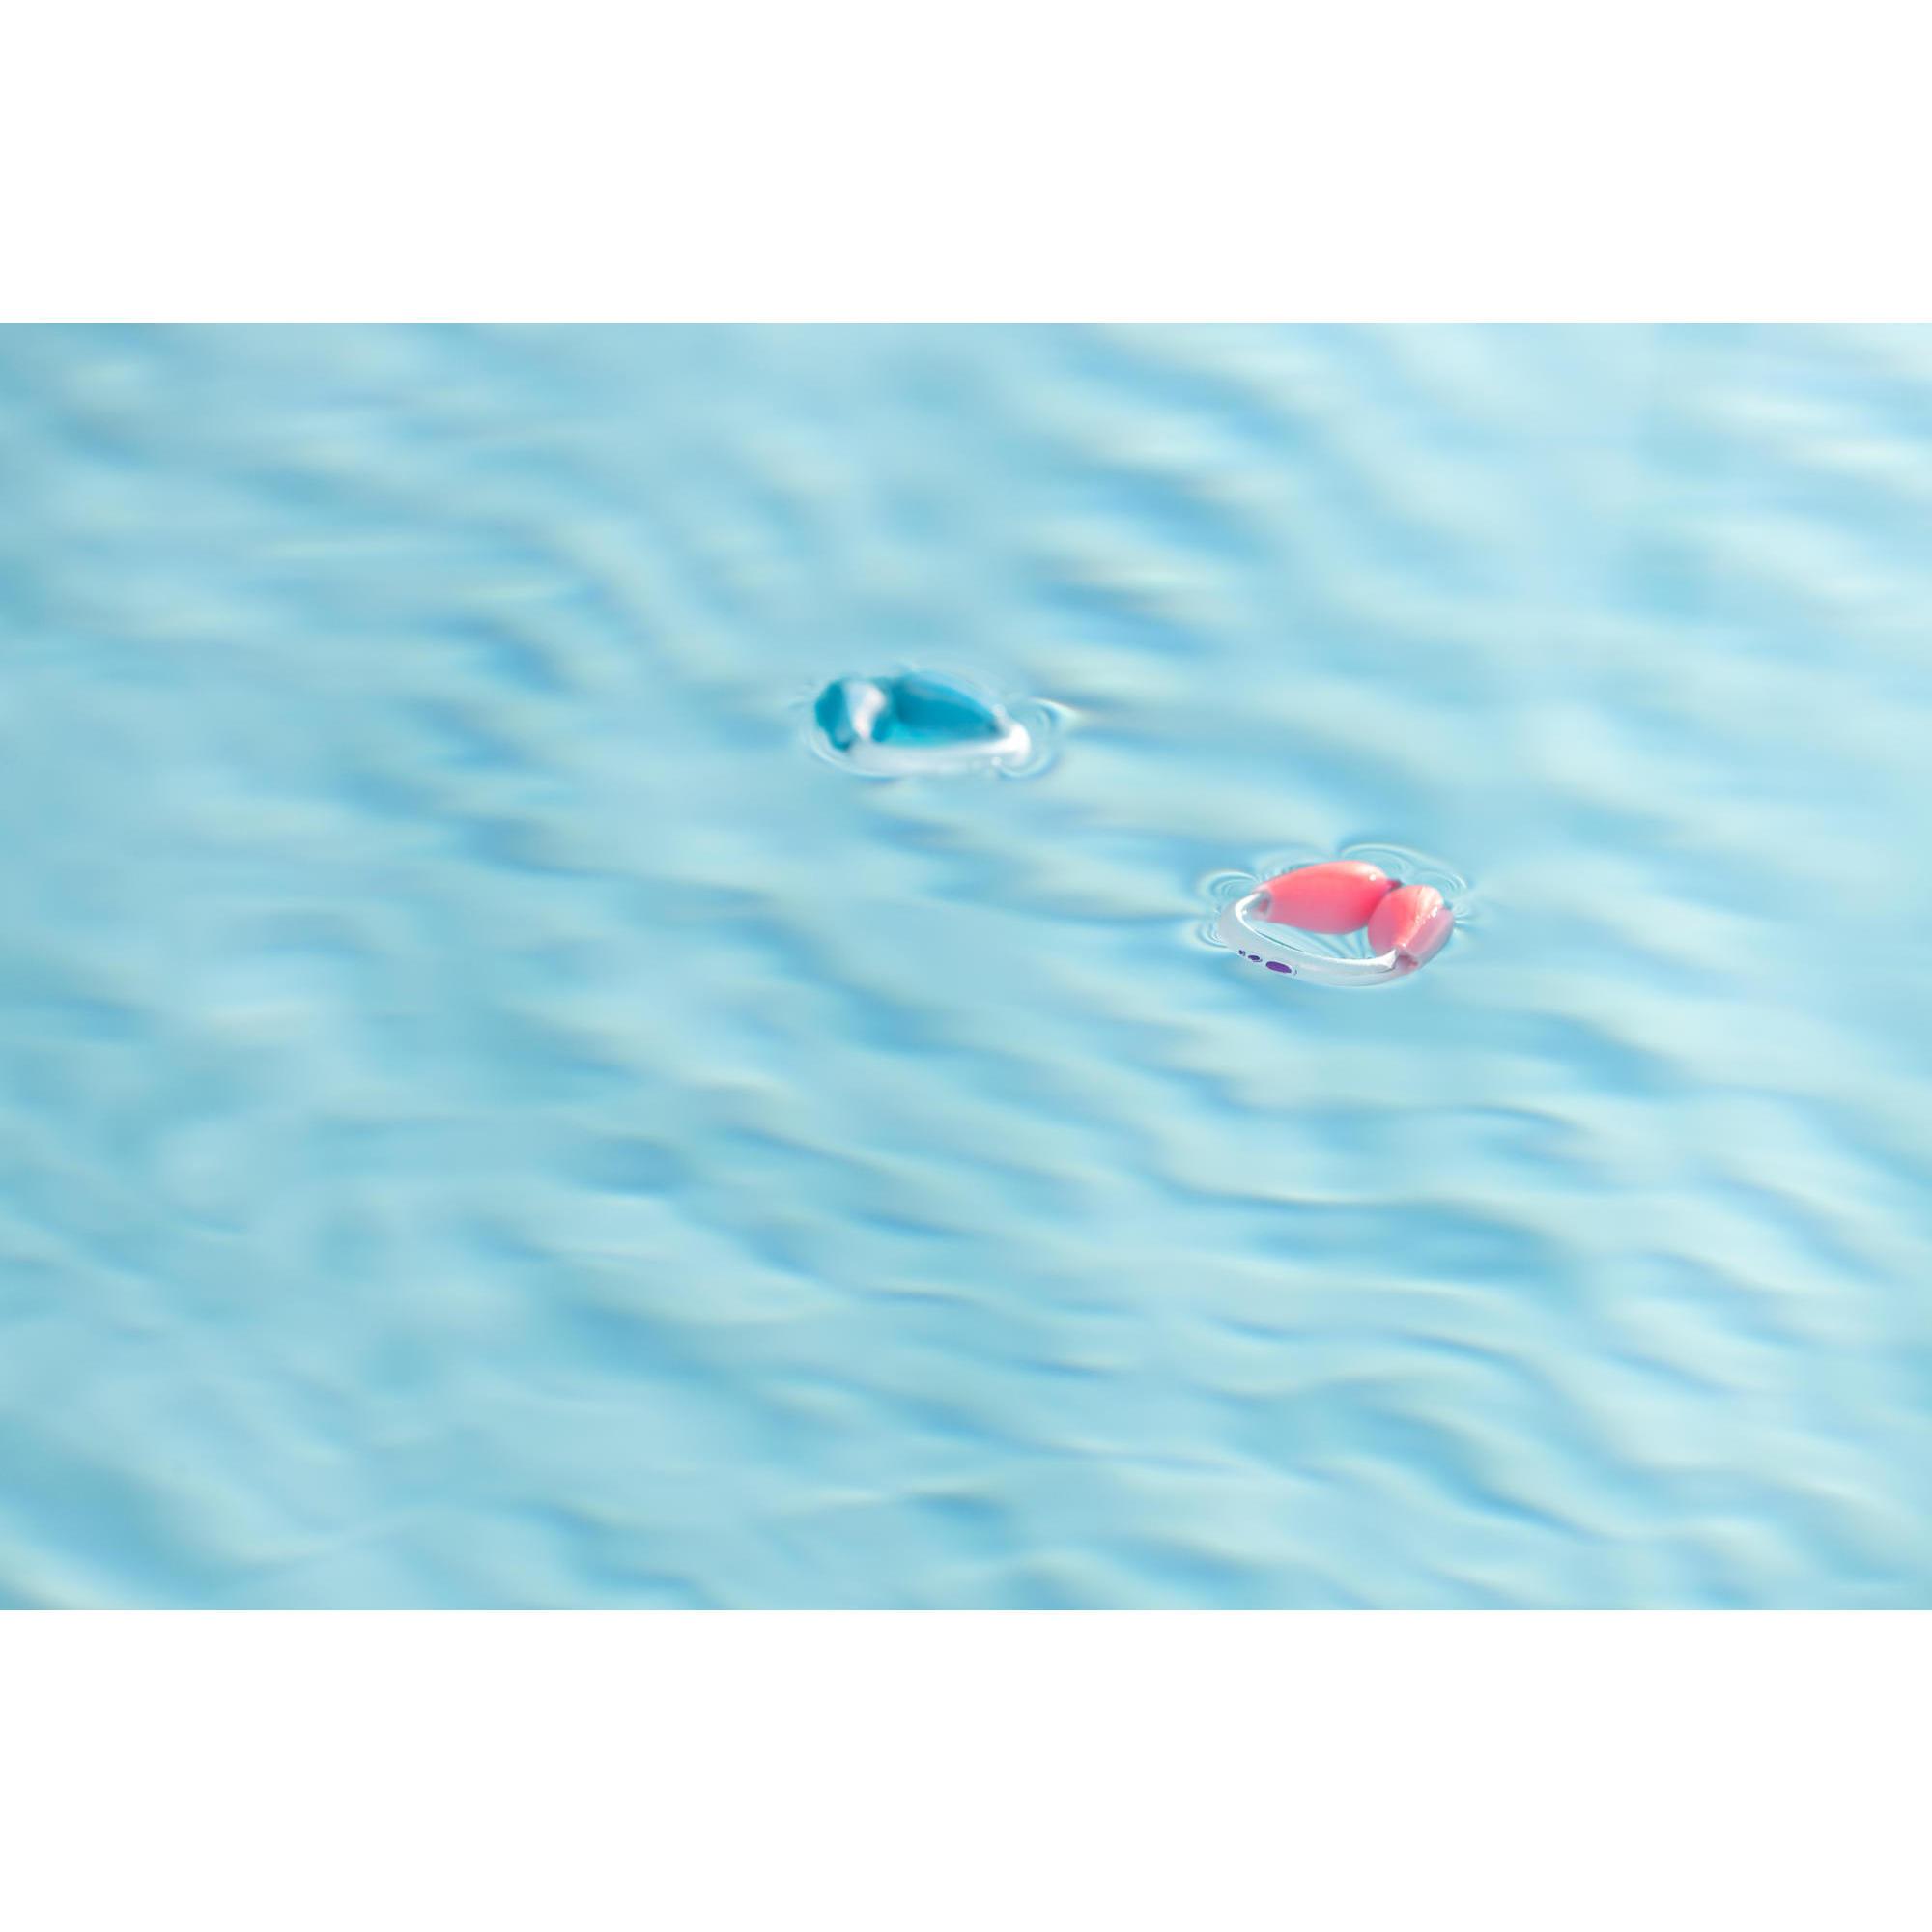 pince nez de natation flottant